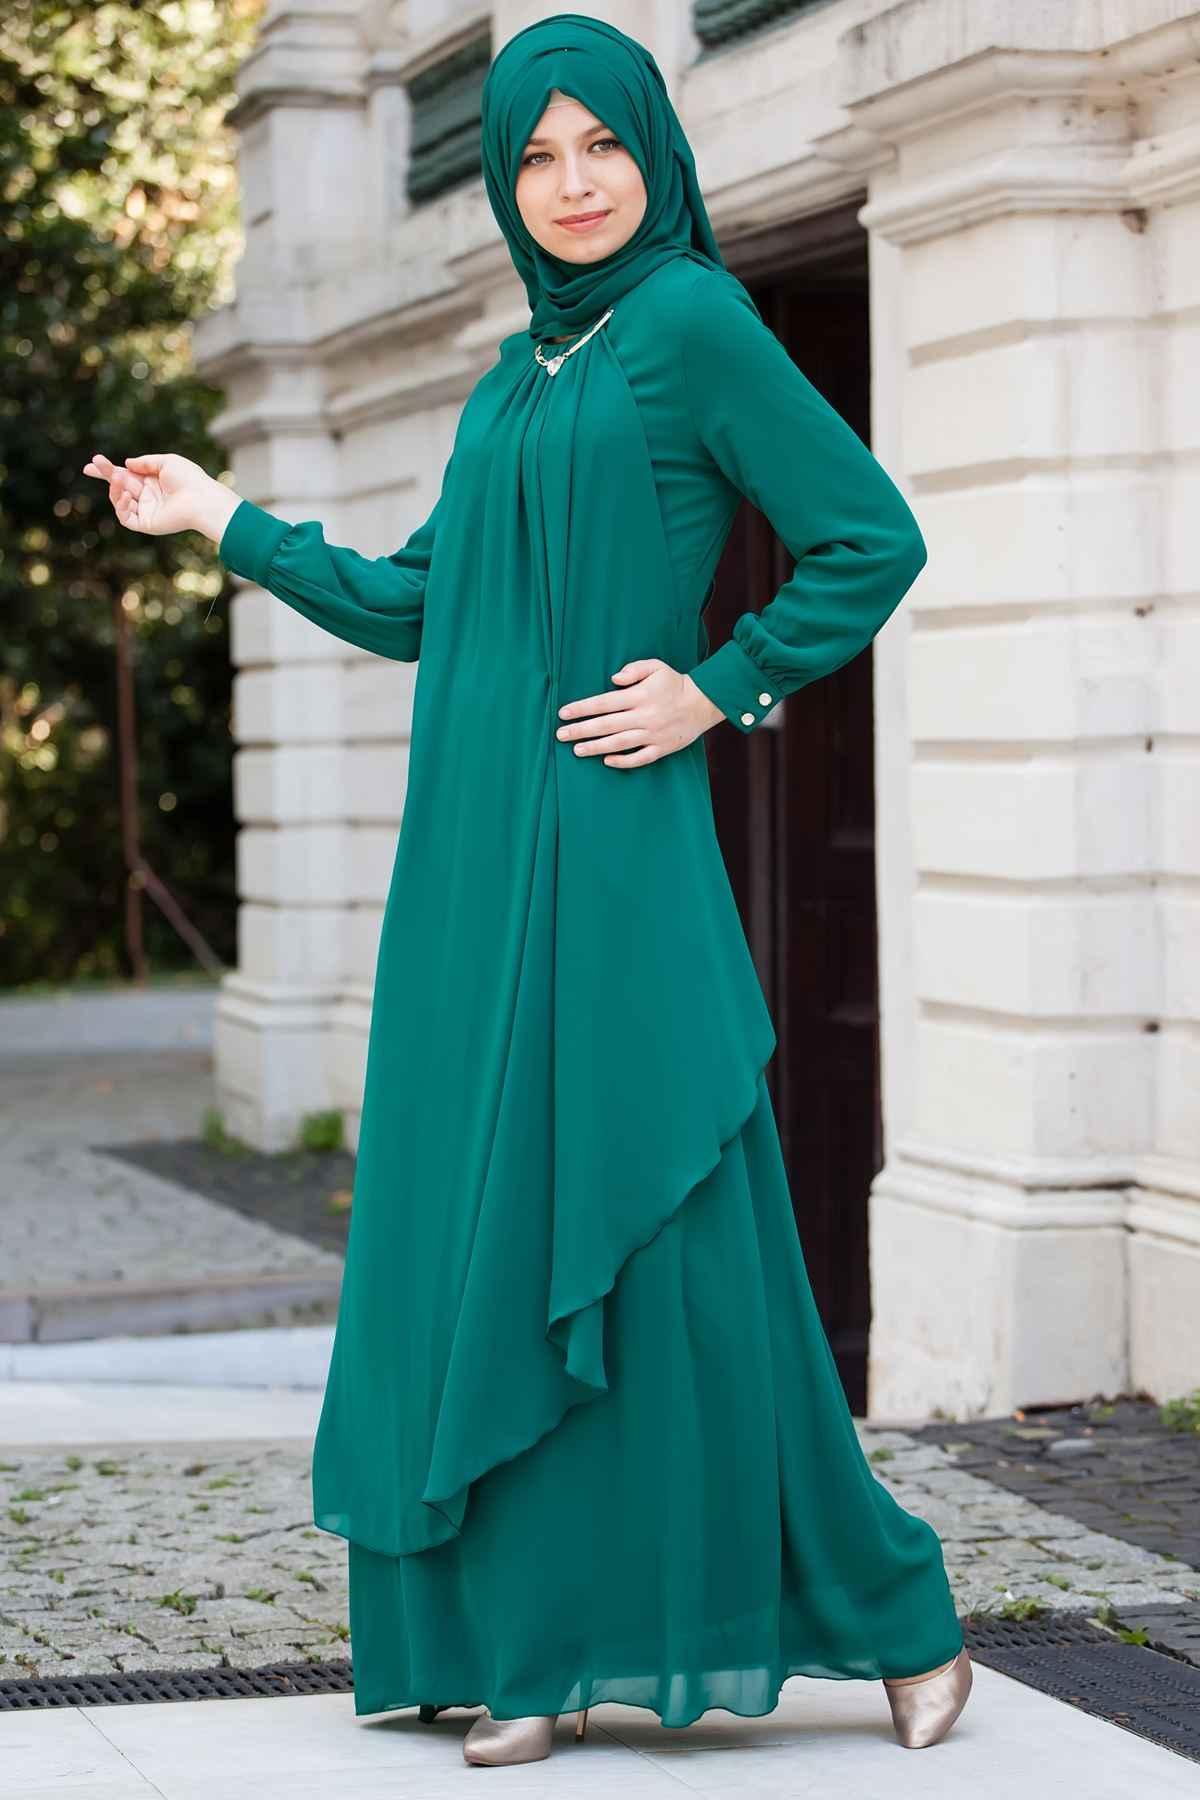 Sedanur Tesettür Dökümlü Abiye Elbise ModelleriSedanur Tesettür Dökümlü Abiye Elbise Modelleri